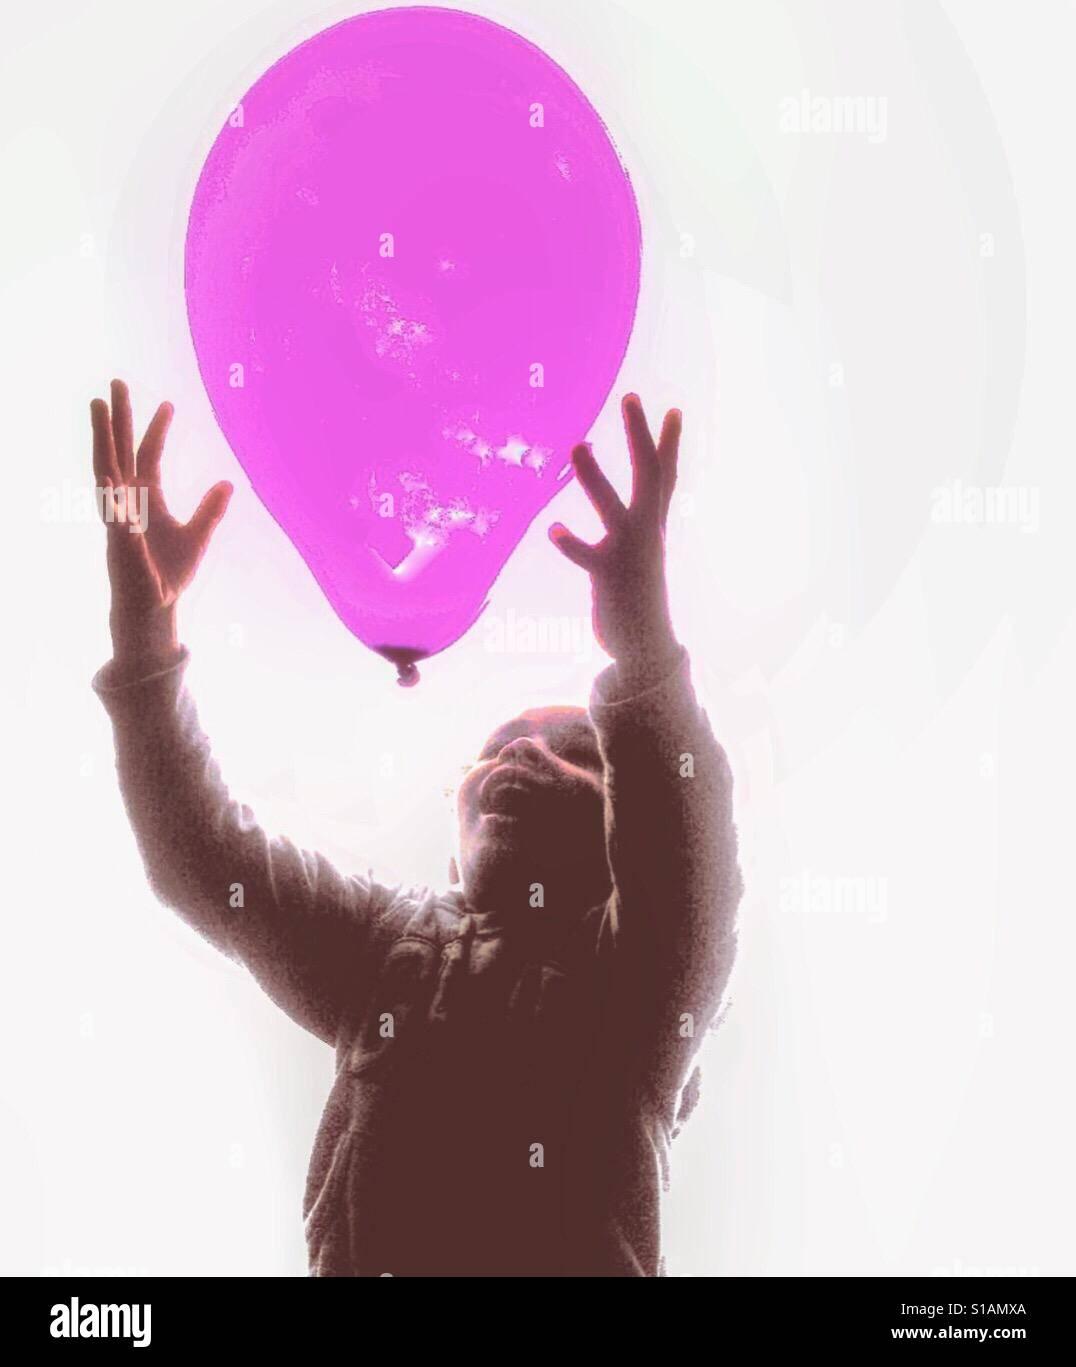 Ein Kind spielt mit einem ballon Stockfoto